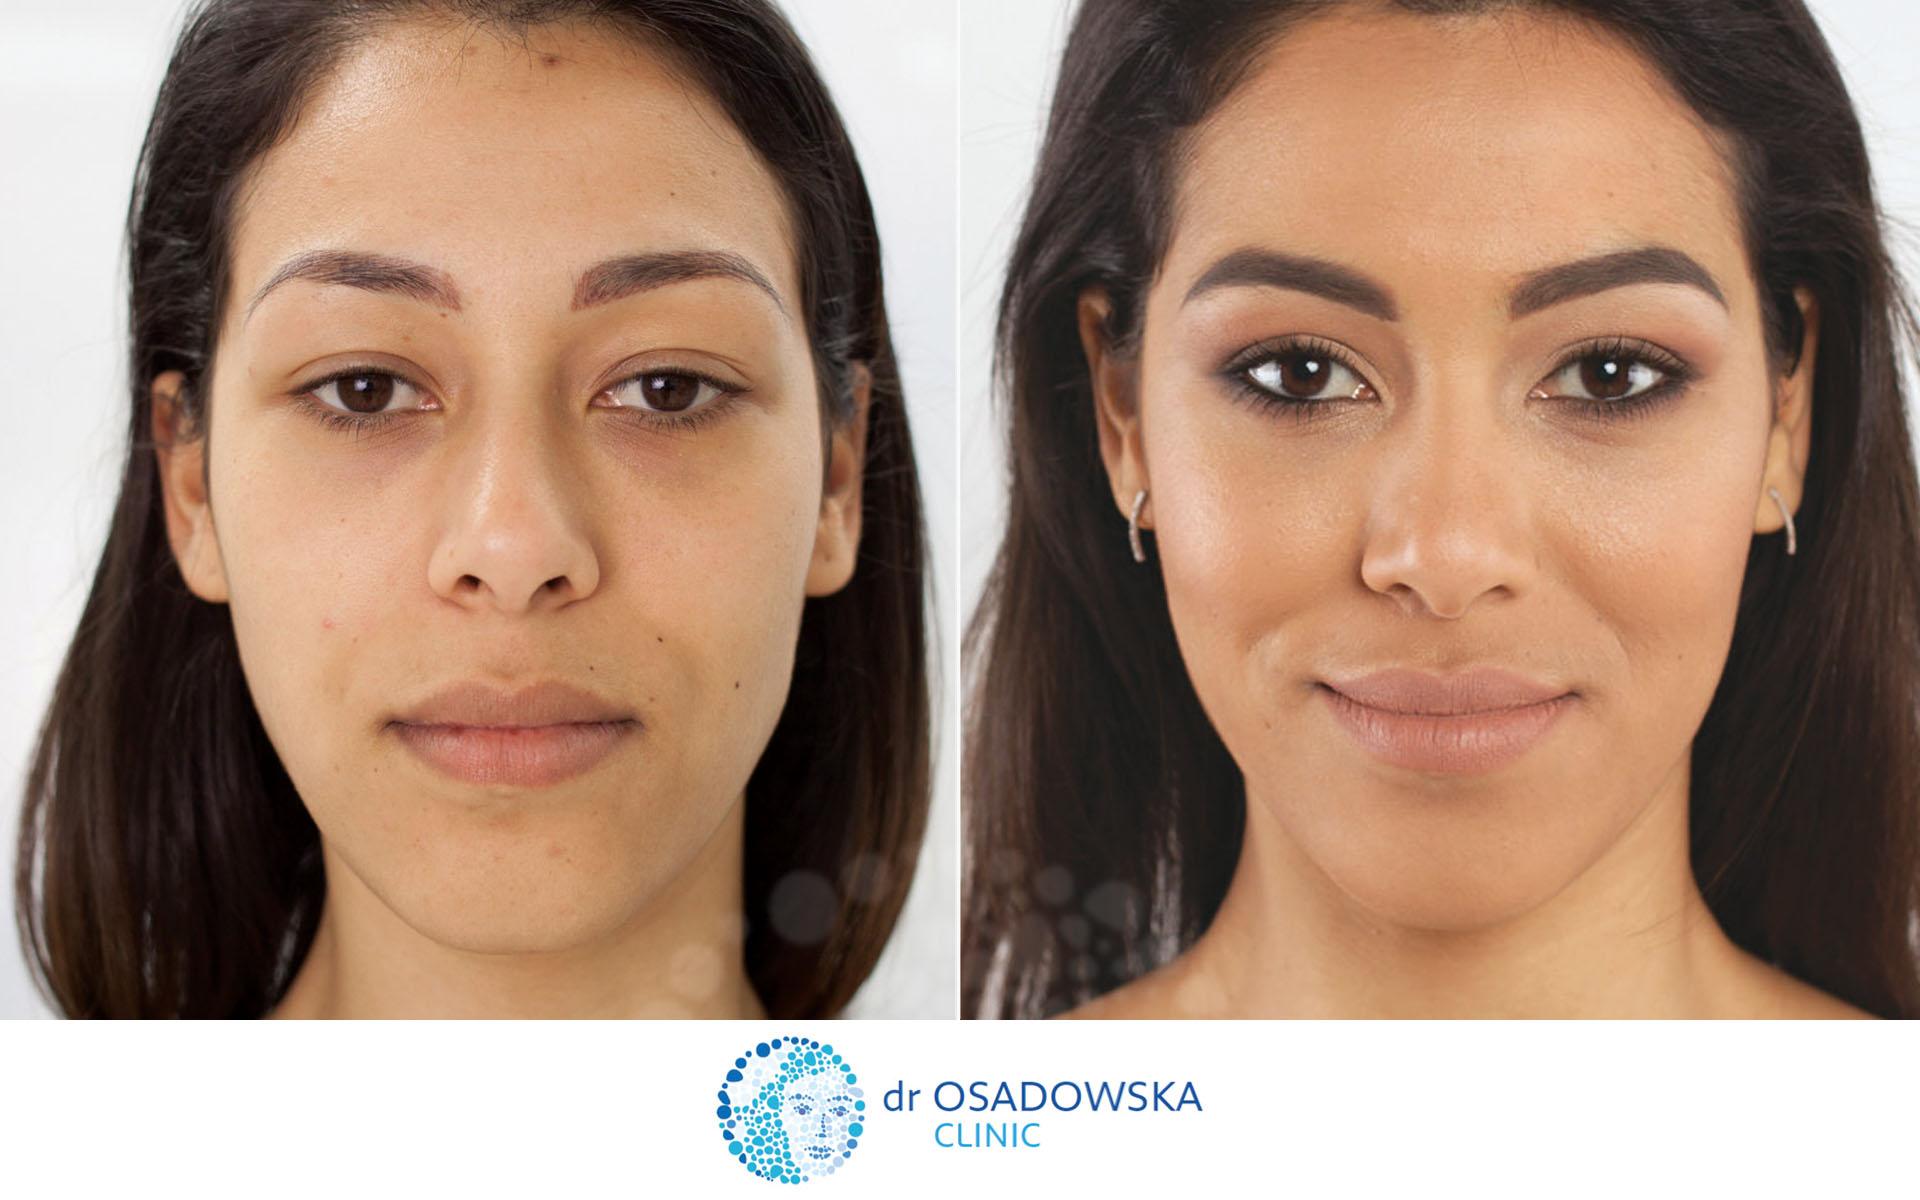 c2c8be75b61d Blefaroplastyka laserowa - chirurgiczna korekcja powiek górnych. Efekty  zdjęcie 6 miesięcy po zabiegu